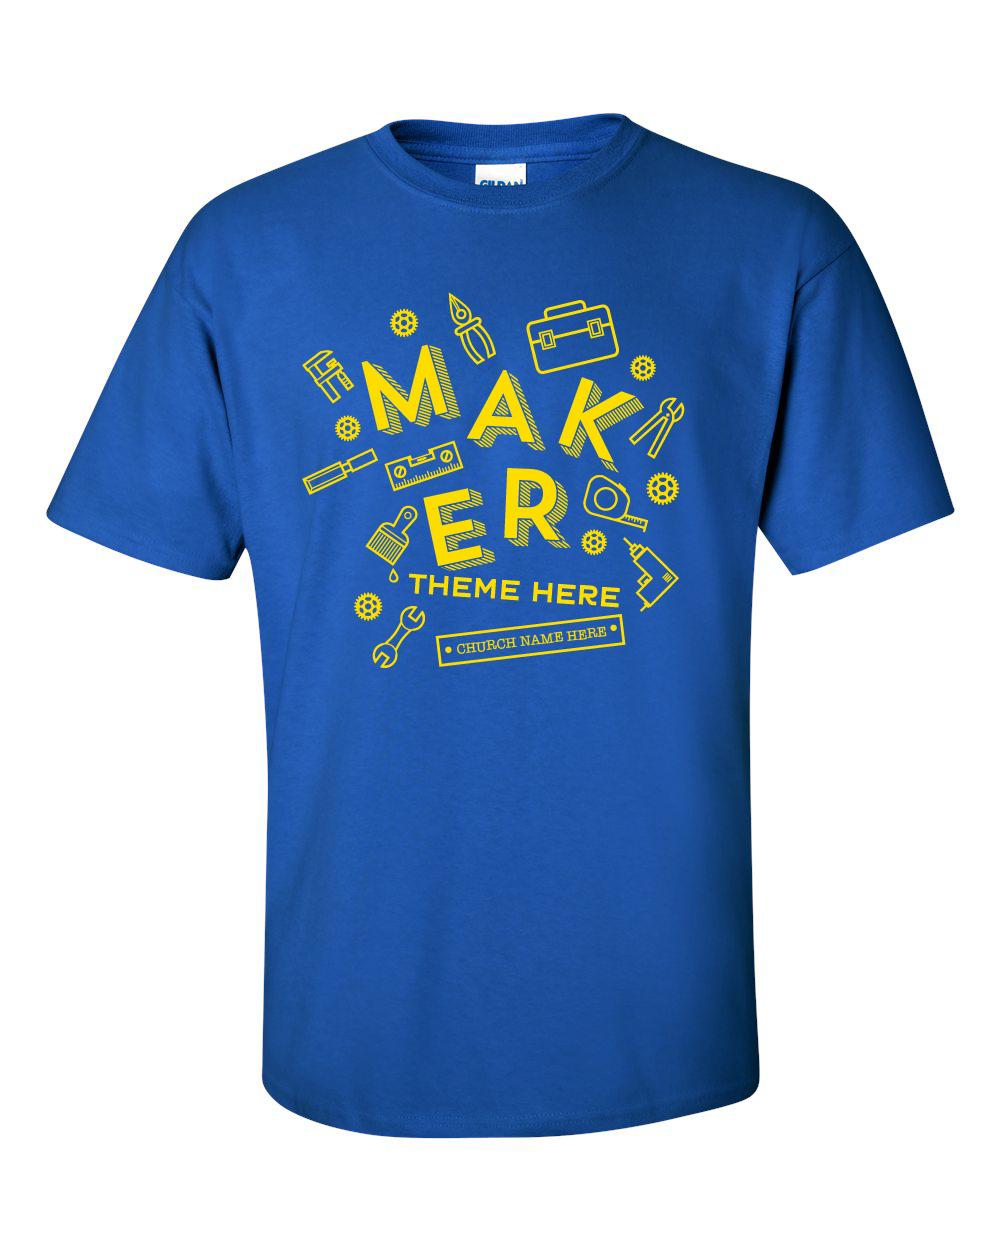 Maker 10-01.jpg